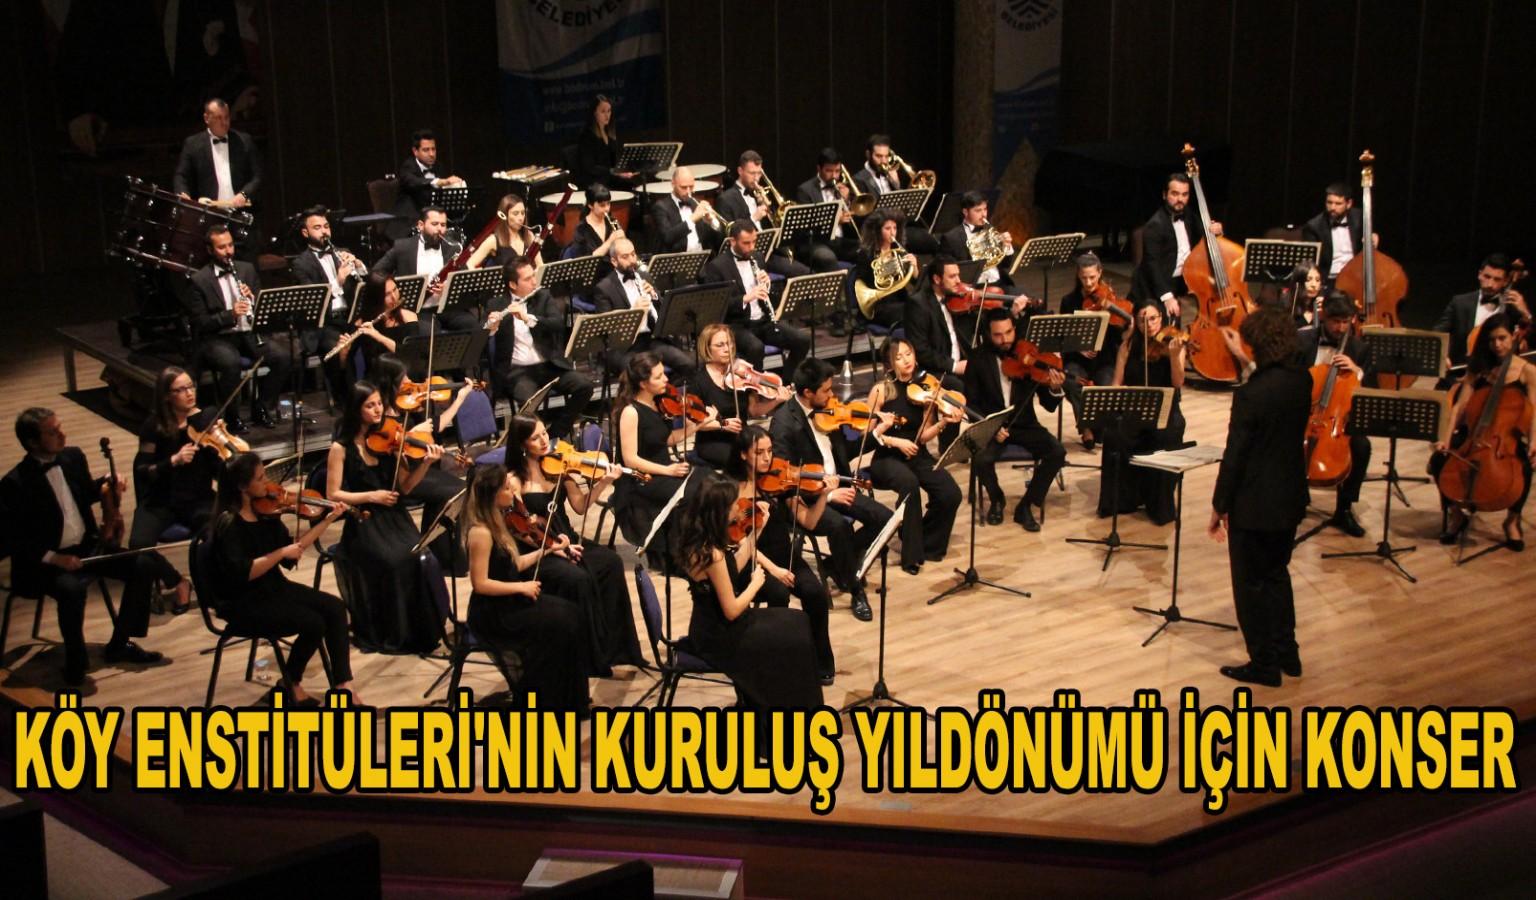 ORKESTRA SEYİRCİDEN KALABALIKTI!..